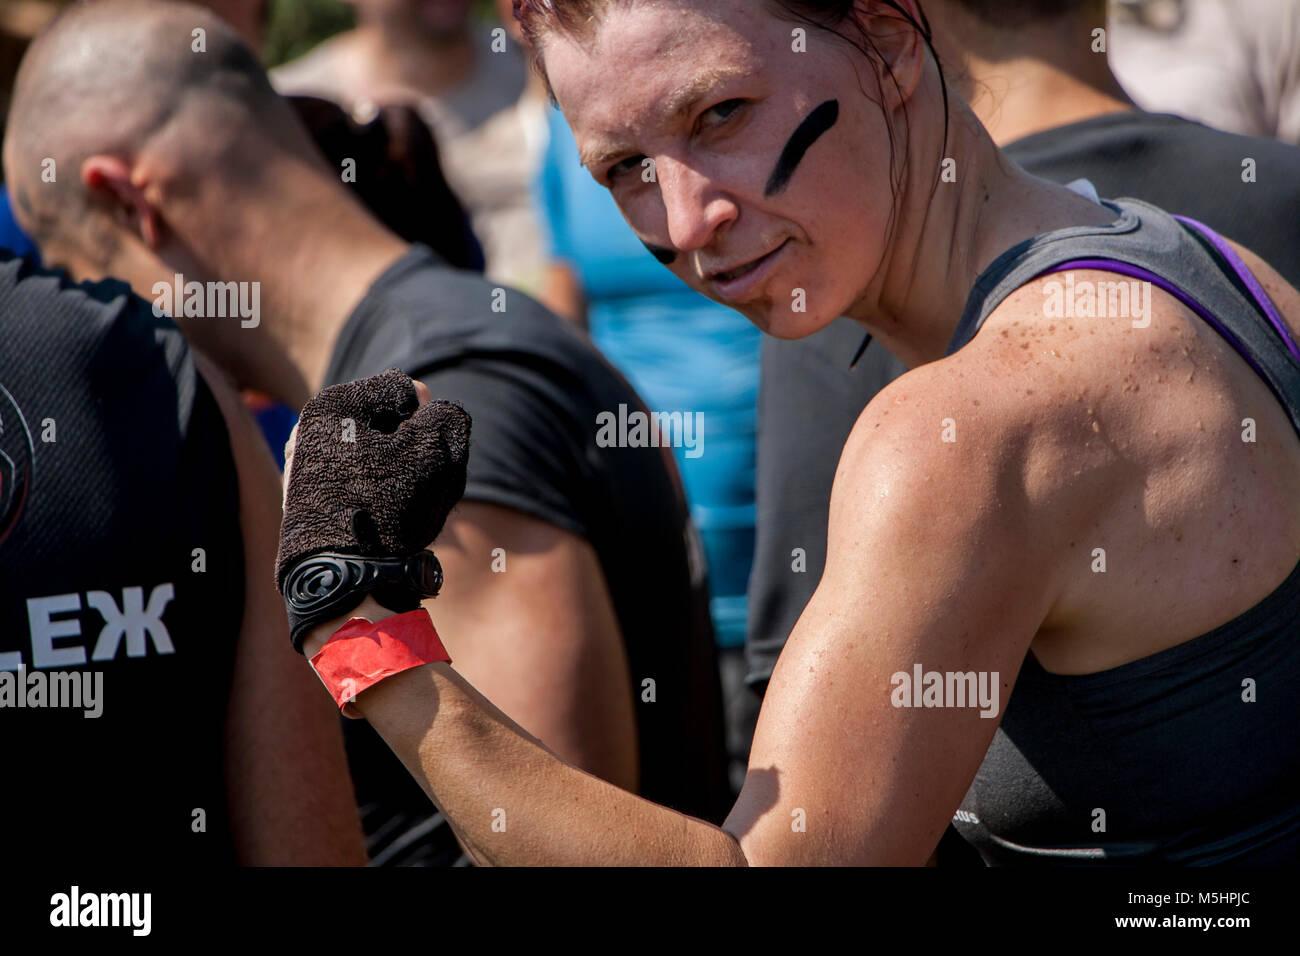 Una mujer está mostrando sus músculos durante la competencia física Legión ejecutar celebrada Imagen De Stock